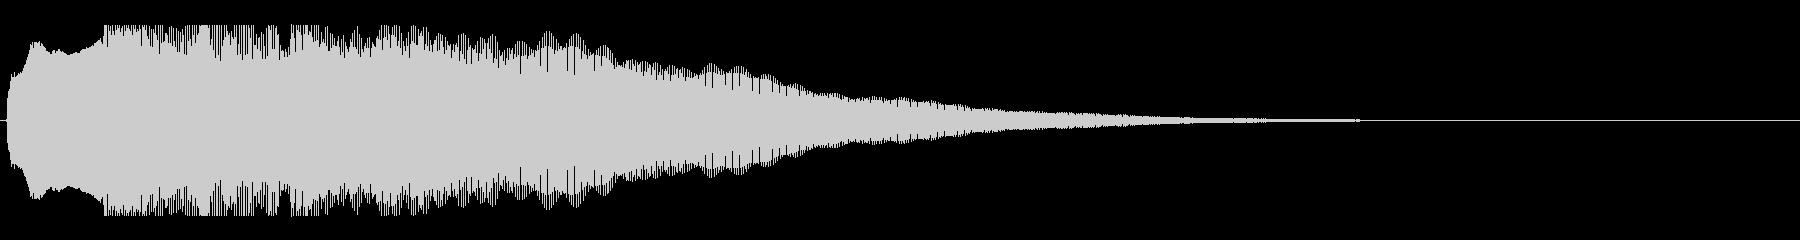 アナウンス前 チャイム-1_rev-1の未再生の波形